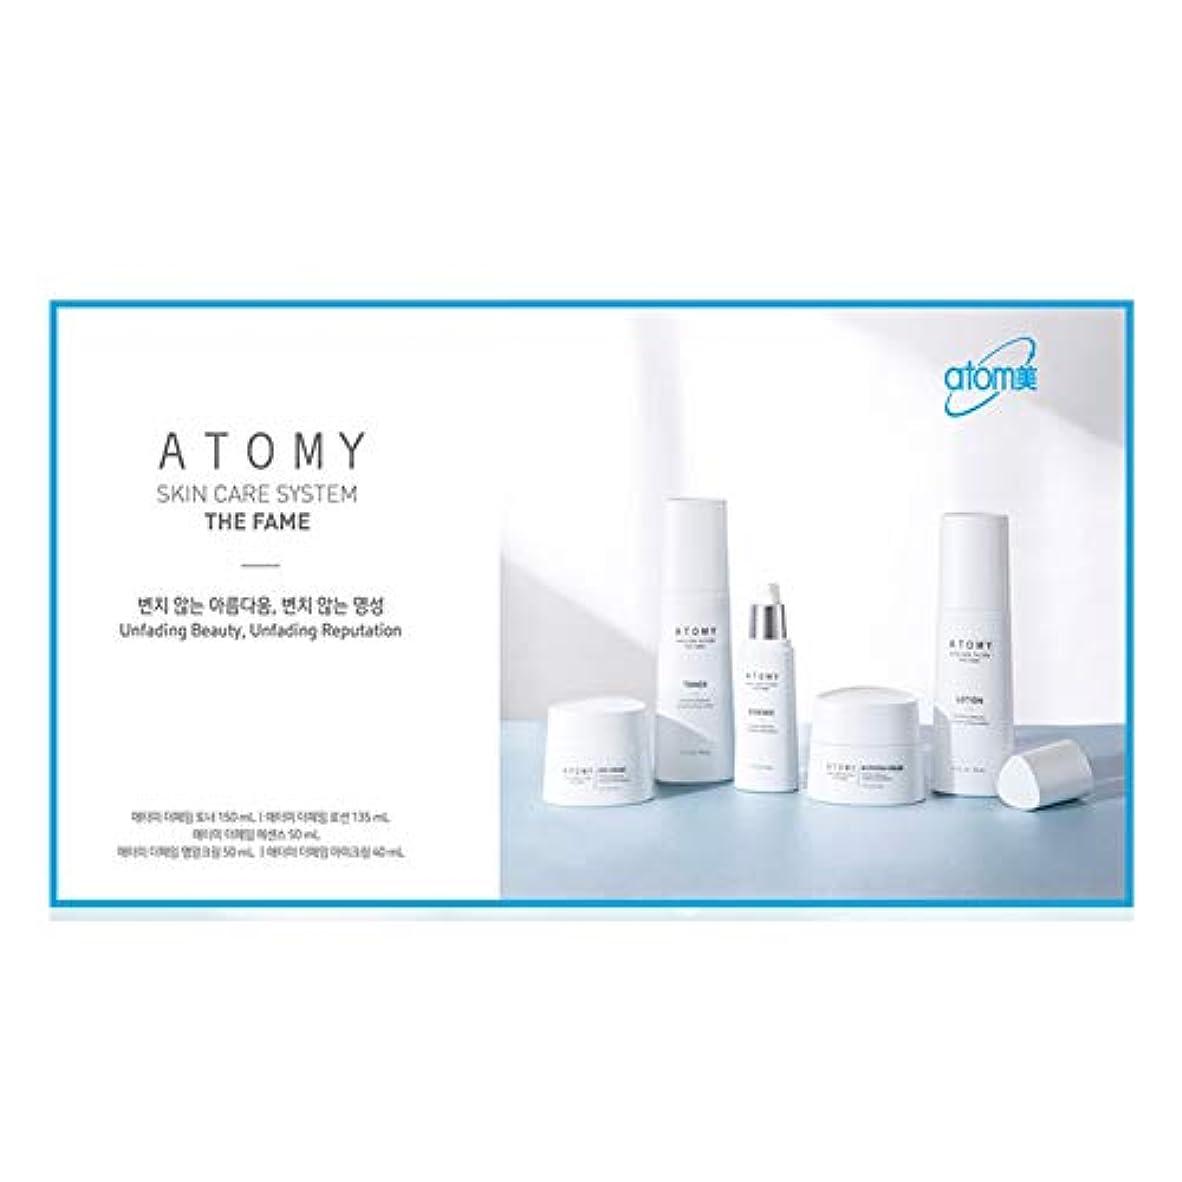 広告主戦士奇妙なアトミザ?フェームエッセンス50ml韓国コスメ、Atomy The Fame Essence 50ml Korean Cosmetics [並行輸入品]